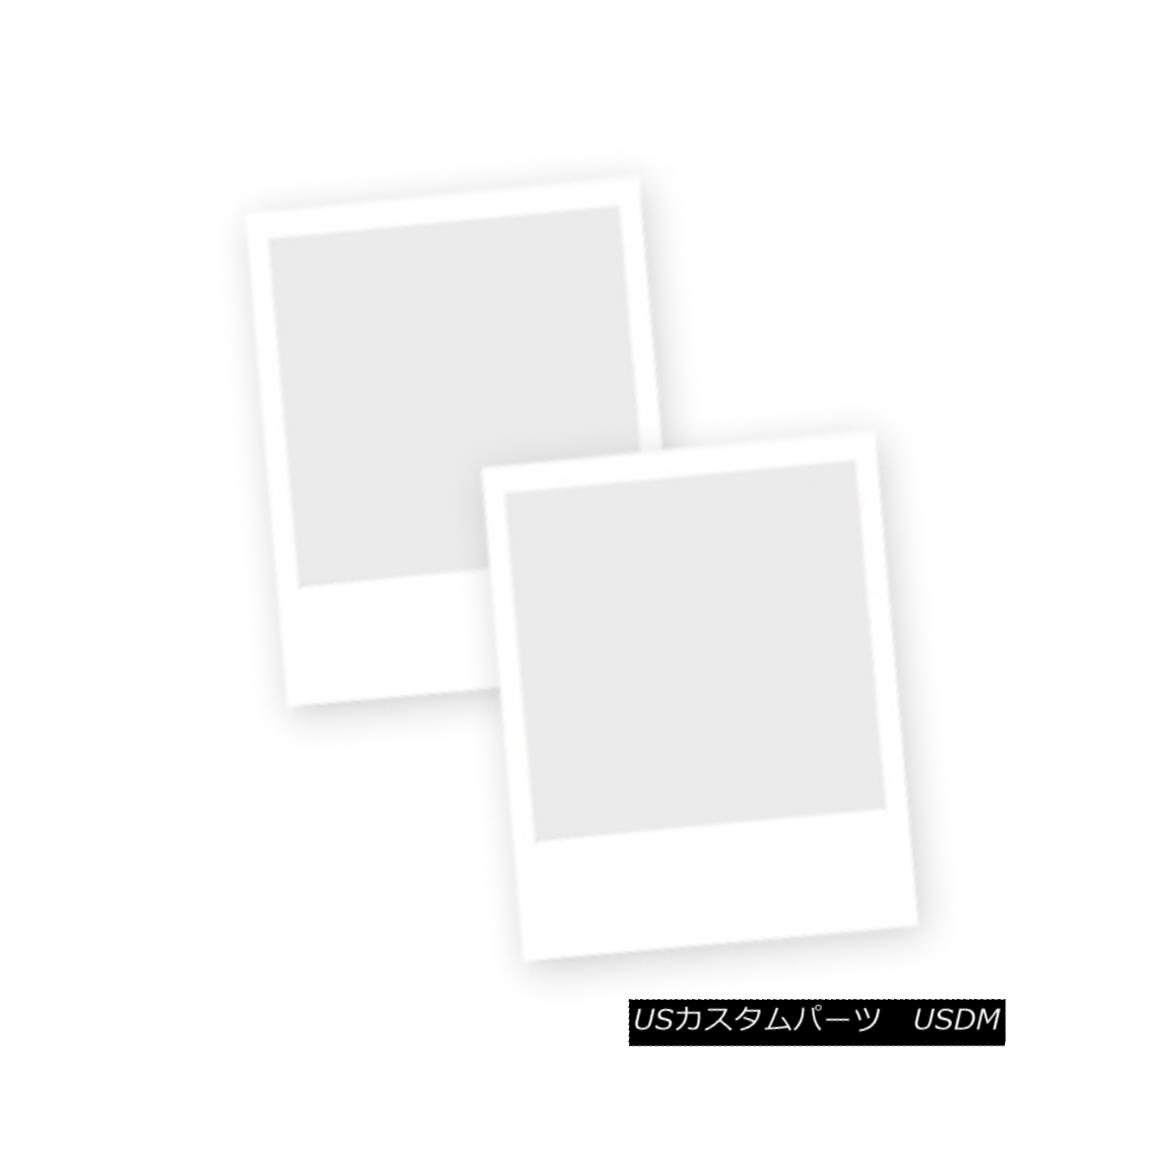 グリル Fits 2013-2016 Ram 2500/3500 Black Billet Grille Insert Combo 2013-2016 Ram 2500/3500 Black Billet Grilleインサートコンボ